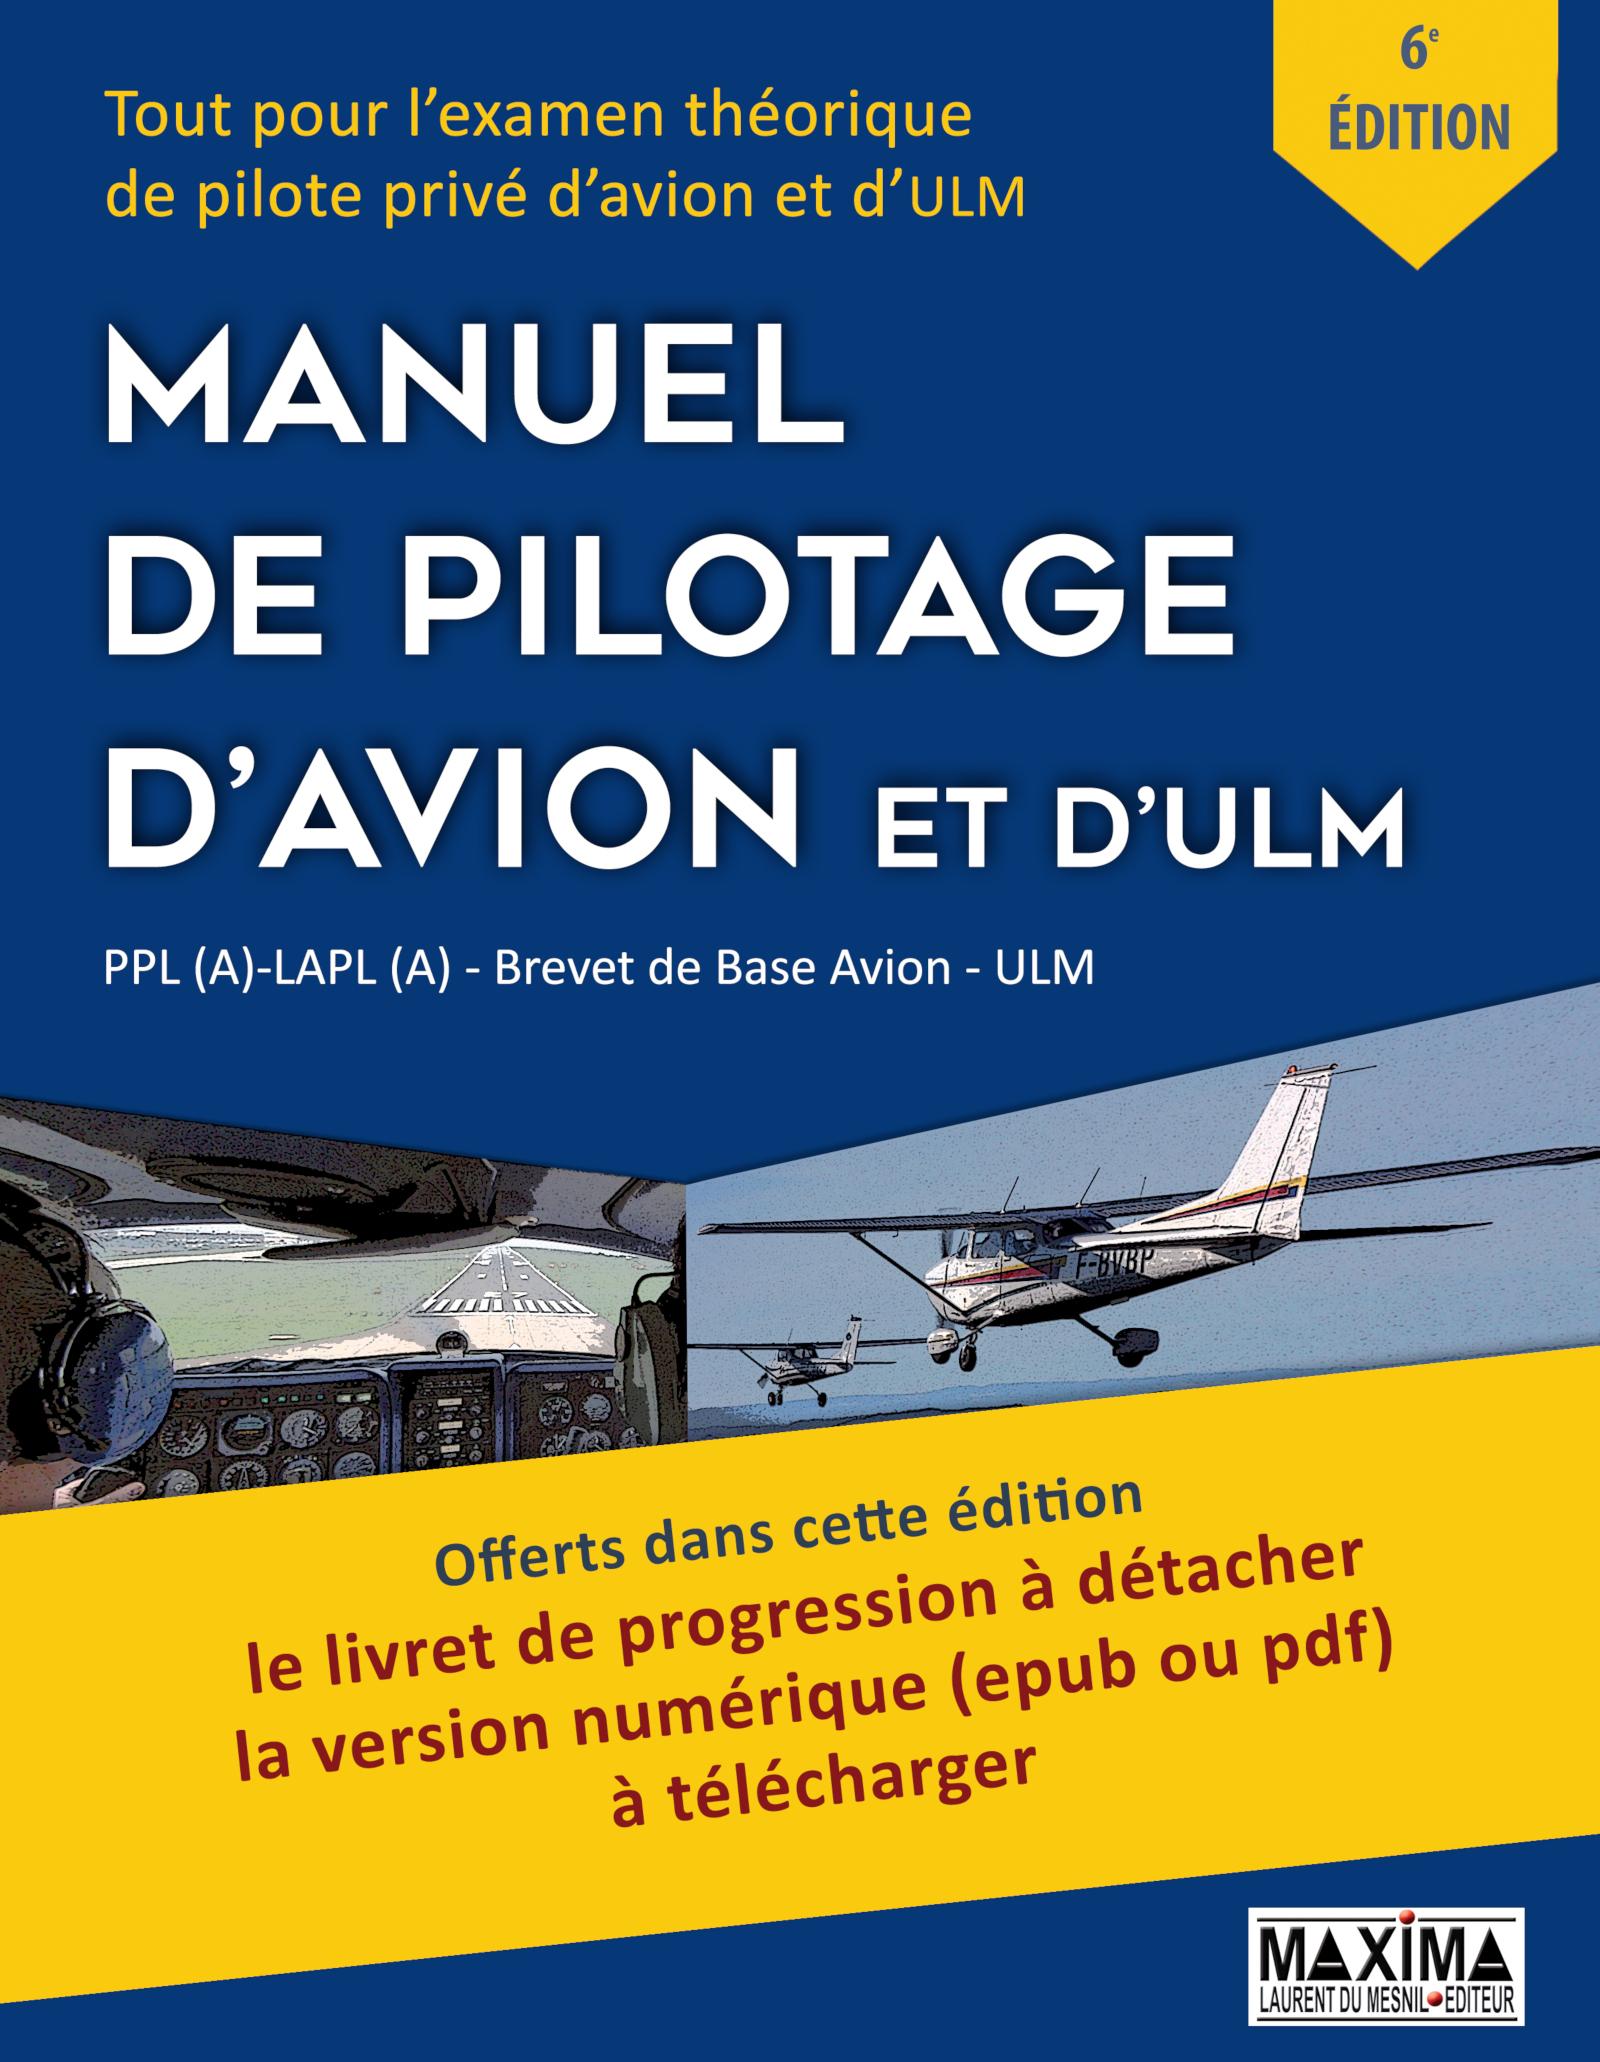 Le Manuel de Pilotage d'Avion et d'ULM - 6e édition